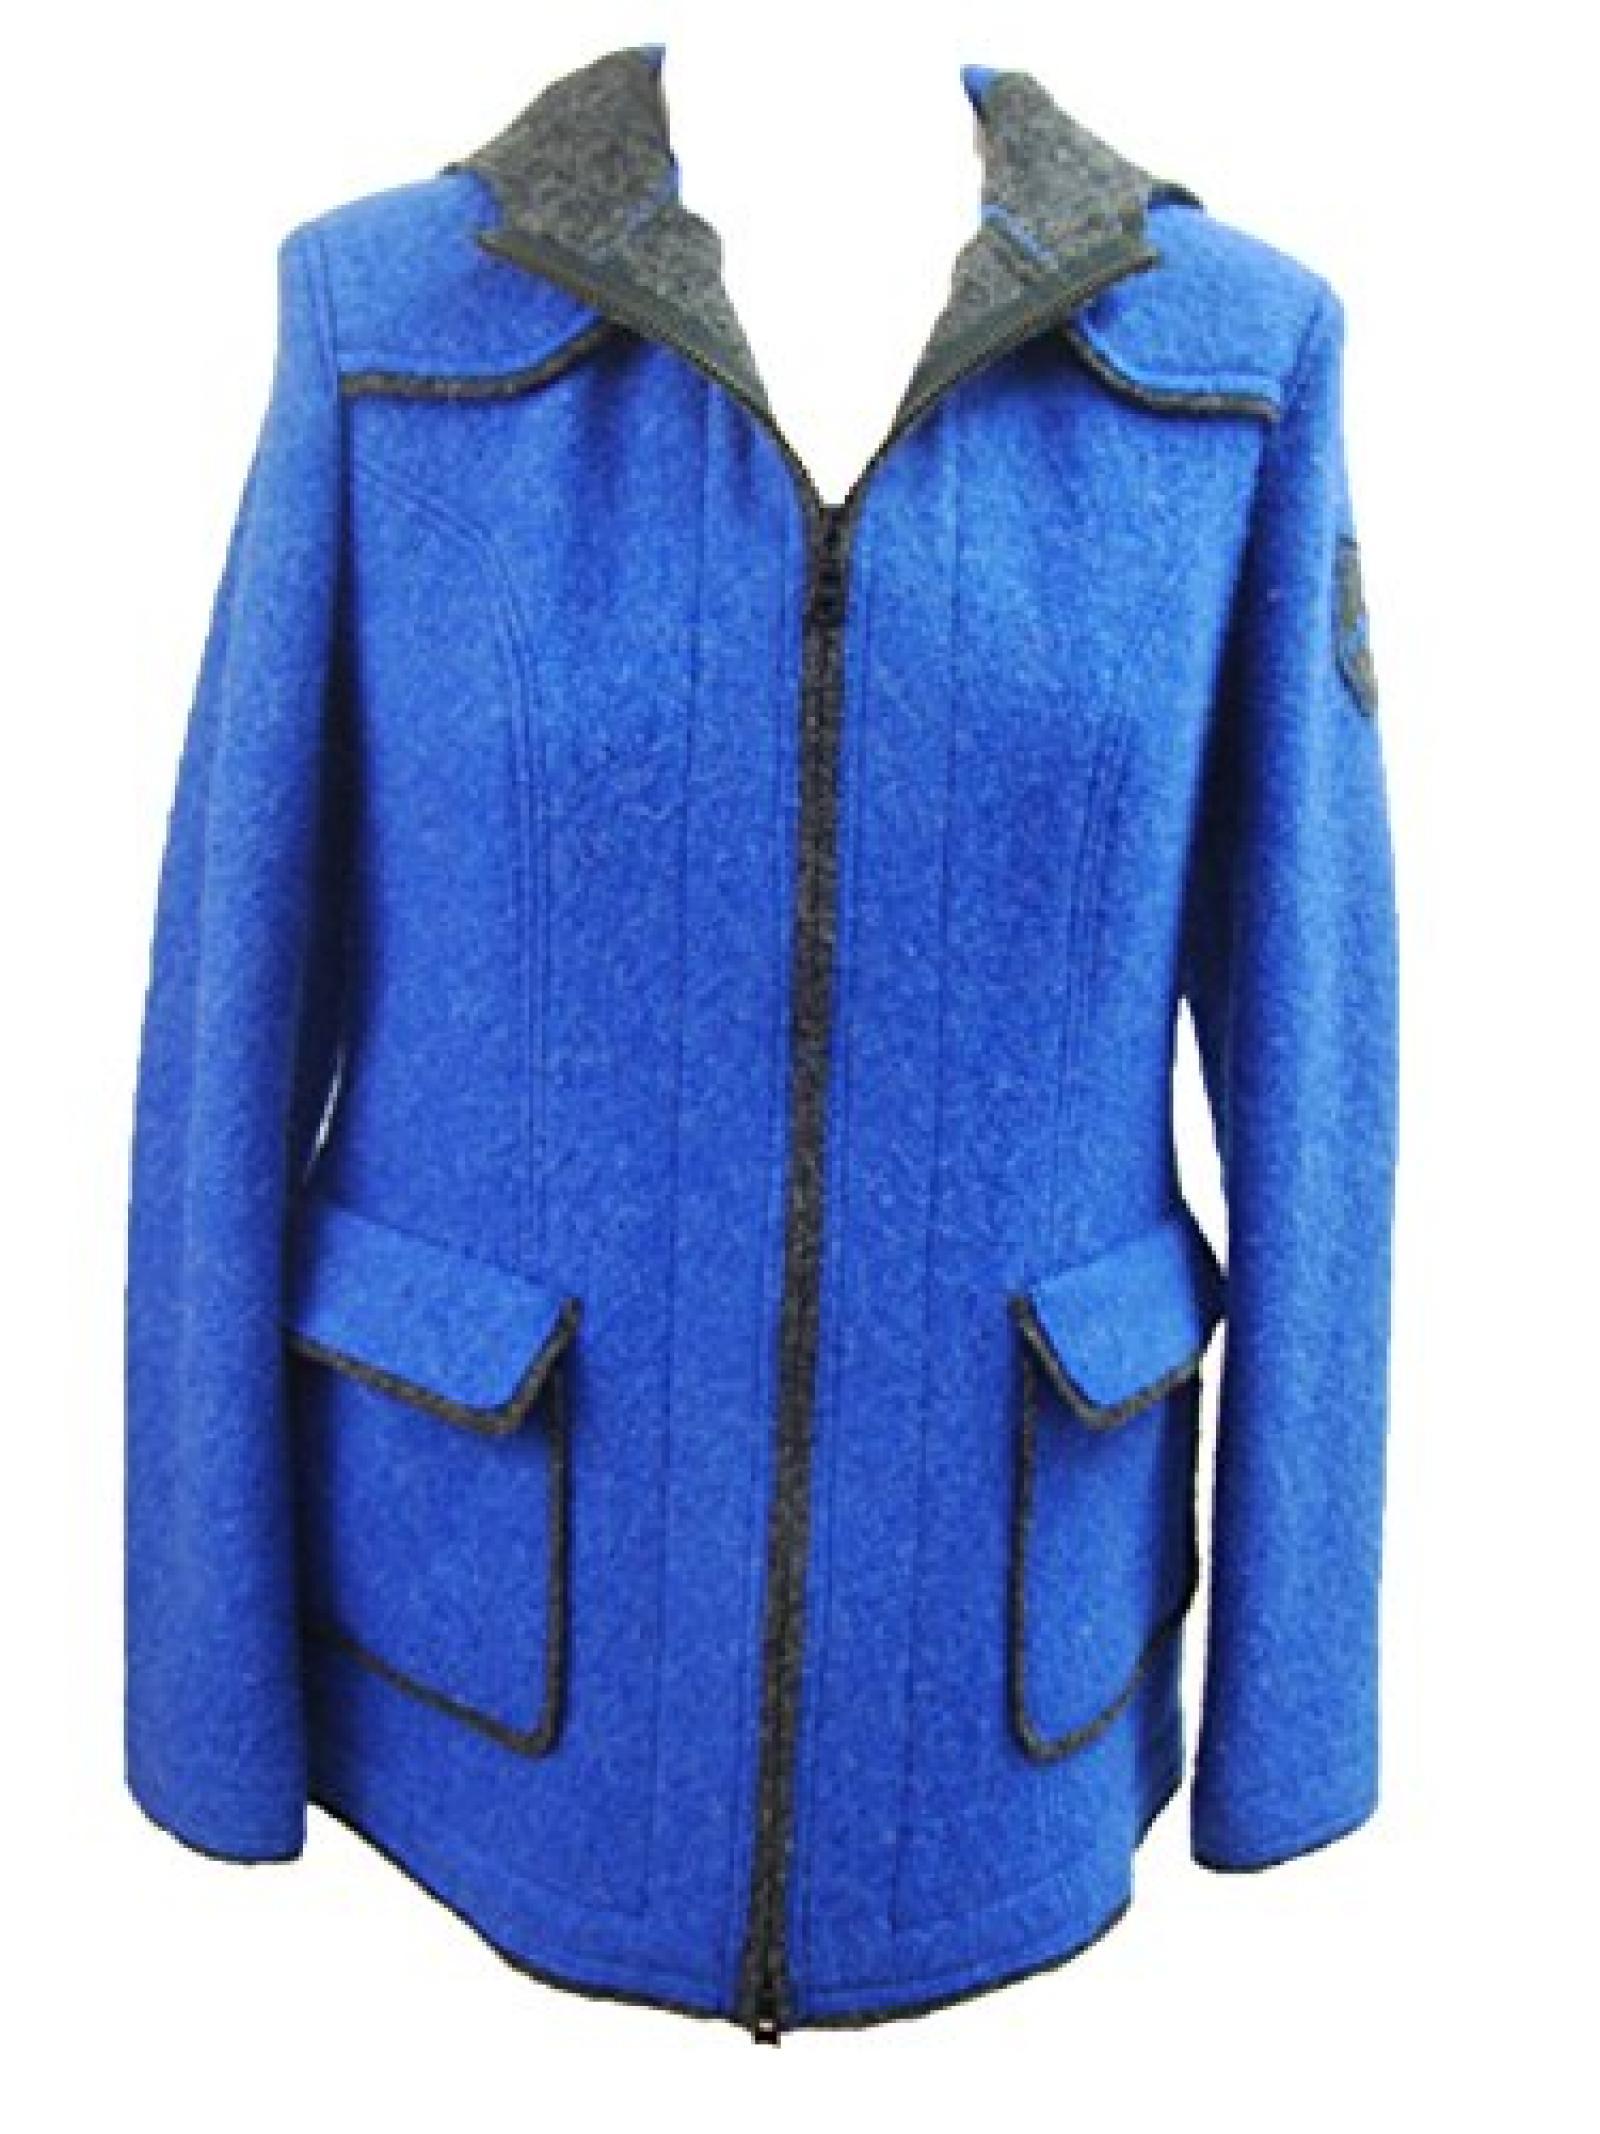 Damen Walkjanker Winterwolljacke blau mit Reißverschluss und Kapuze